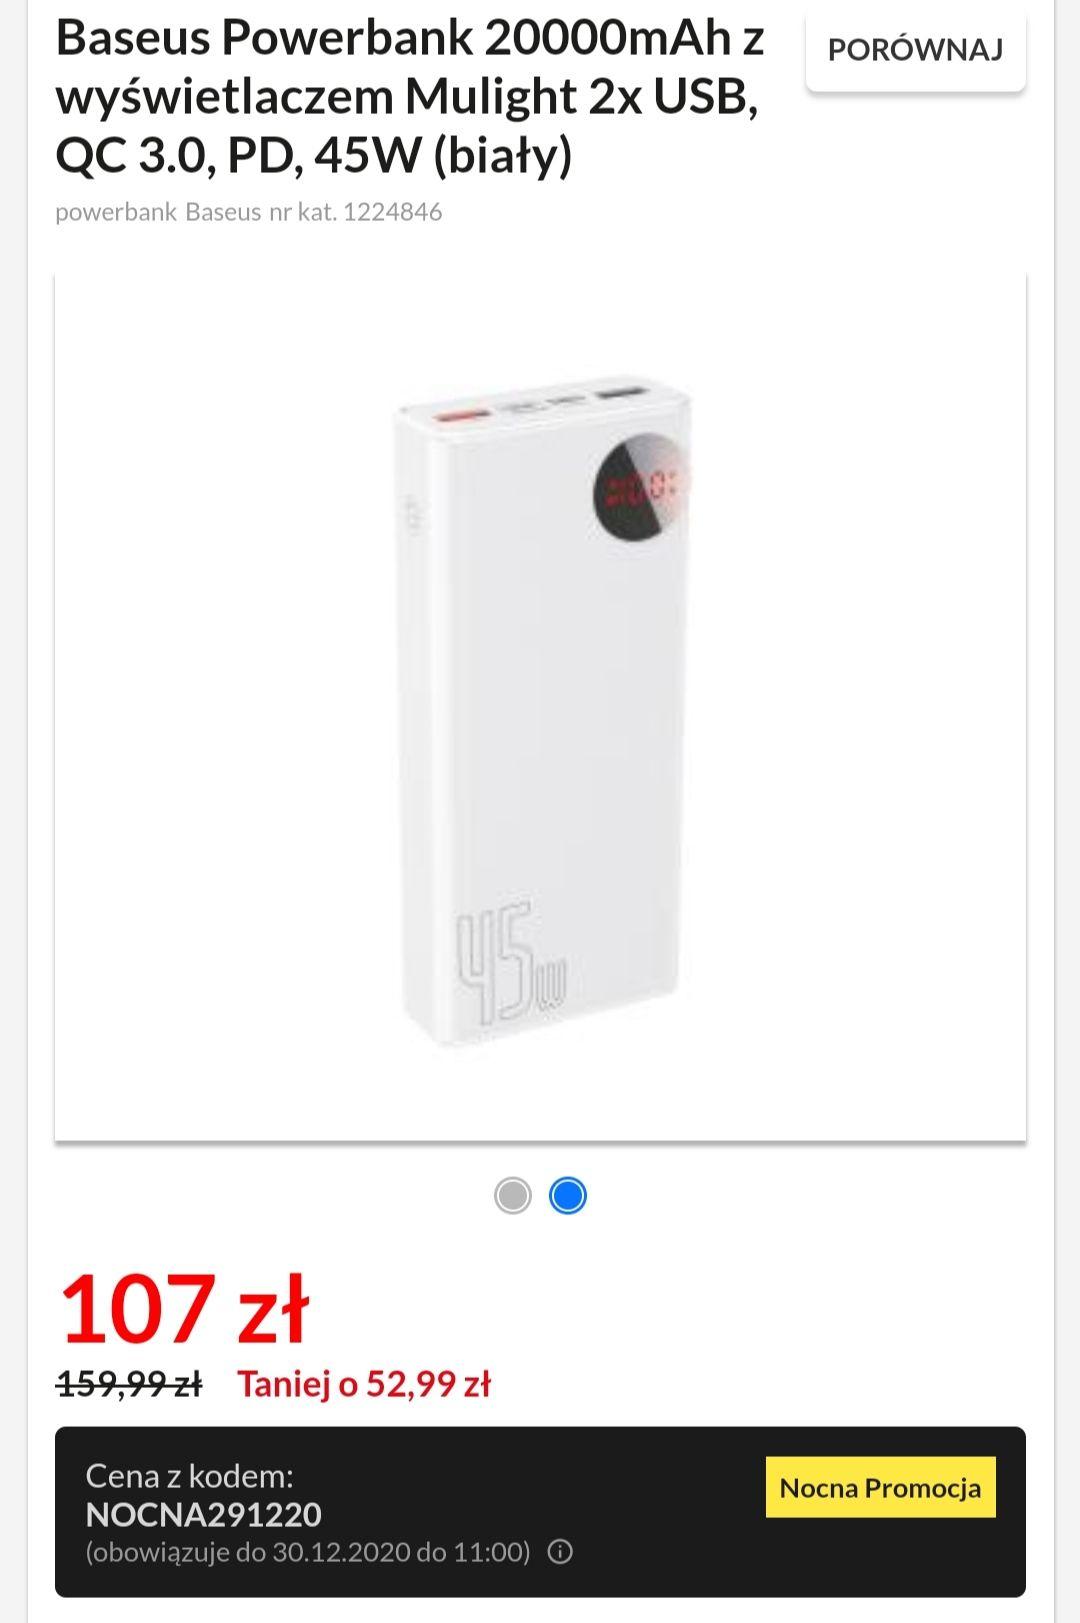 Baseus Powerbank 20000mAh z wyświetlaczem Mulight 2x USB, QC 3.0, PD, 45W (biały)